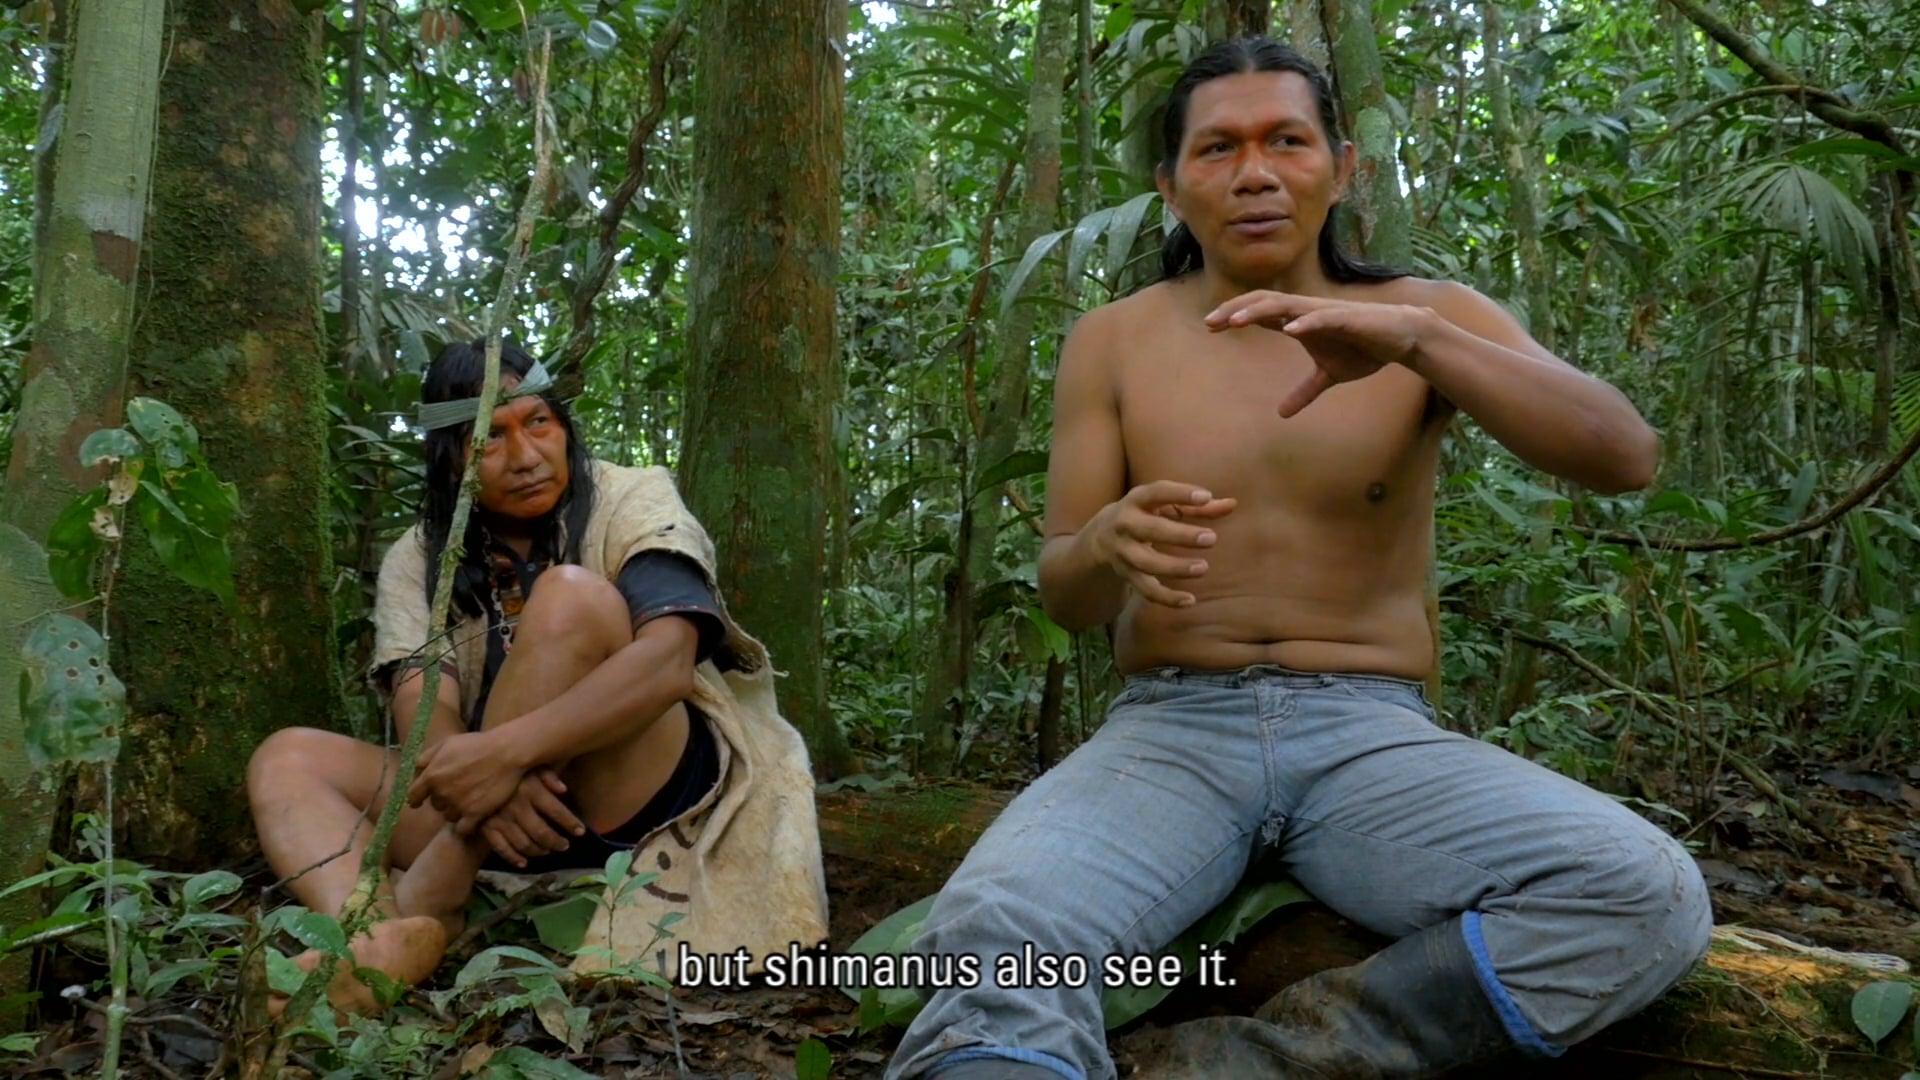 Short documentary - Shimanu, entre lo sagrado y lo profano